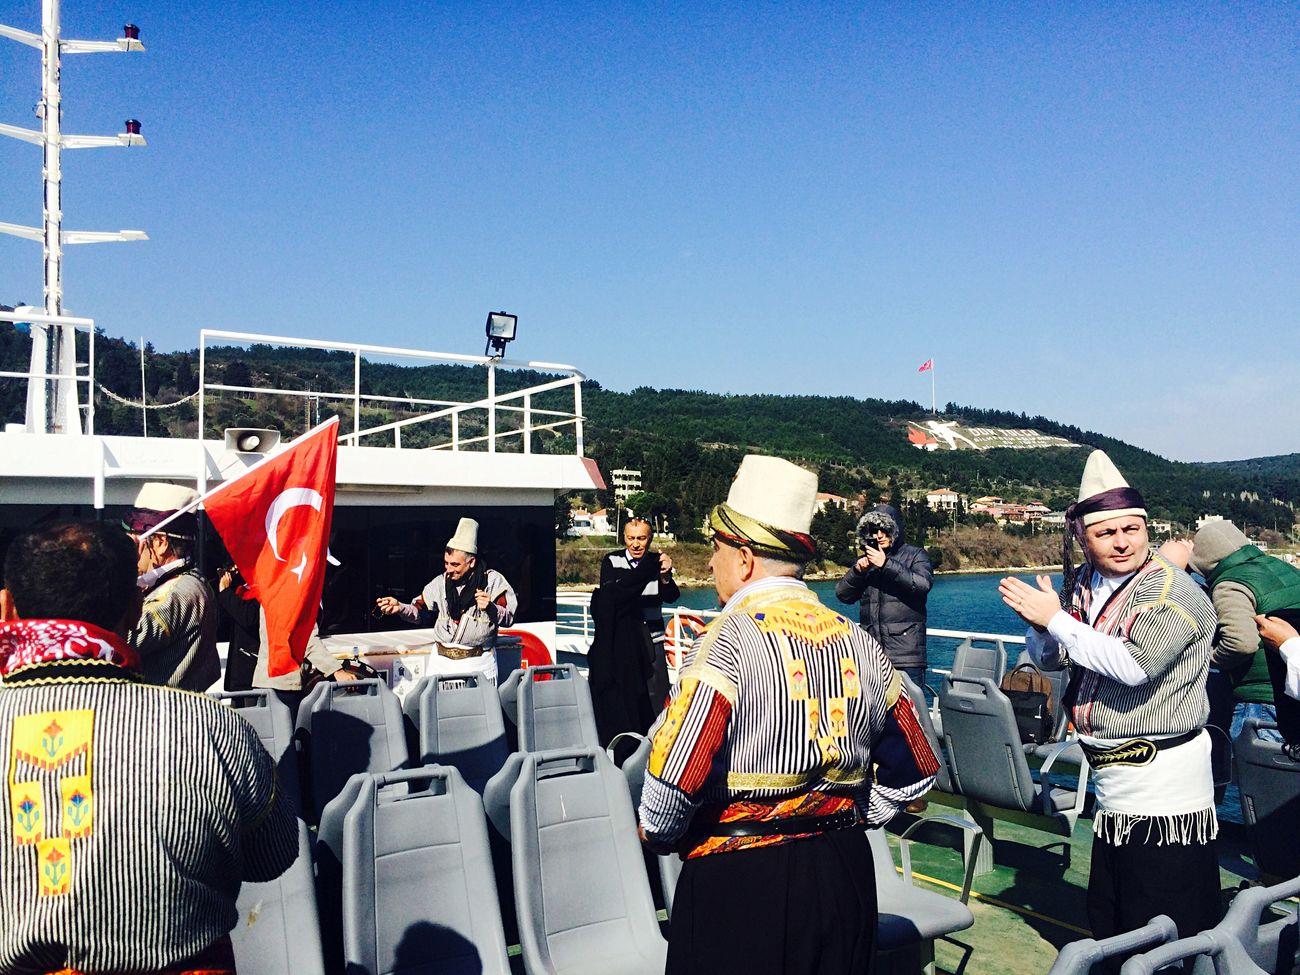 Turkey çanakkale çanakkalegeçilmez Duryolcu çanakkaledenizzaferimiz100yaşında Efeler Oyun Taking Photos Feribot Hanging Out